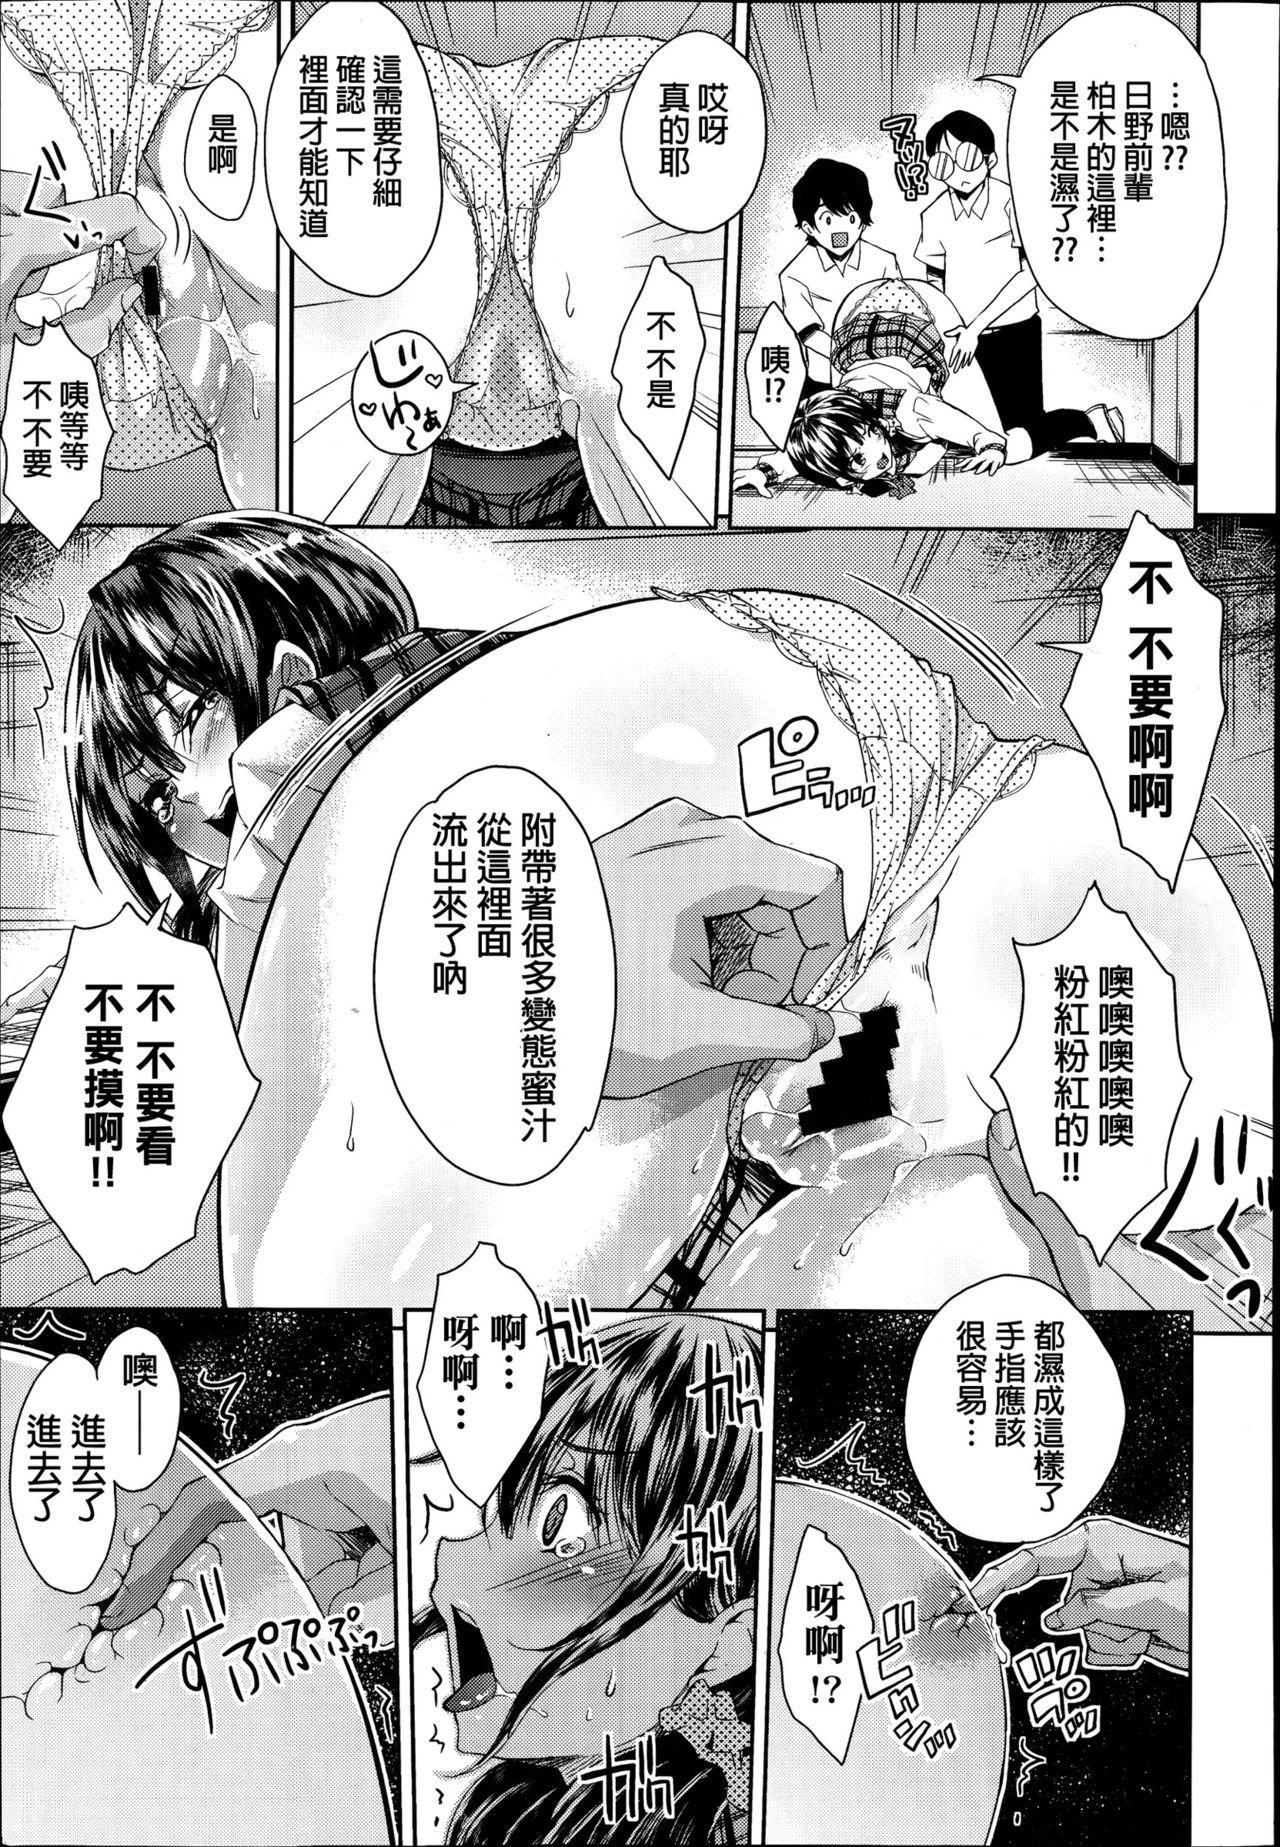 Gakkou no Kaidan 8